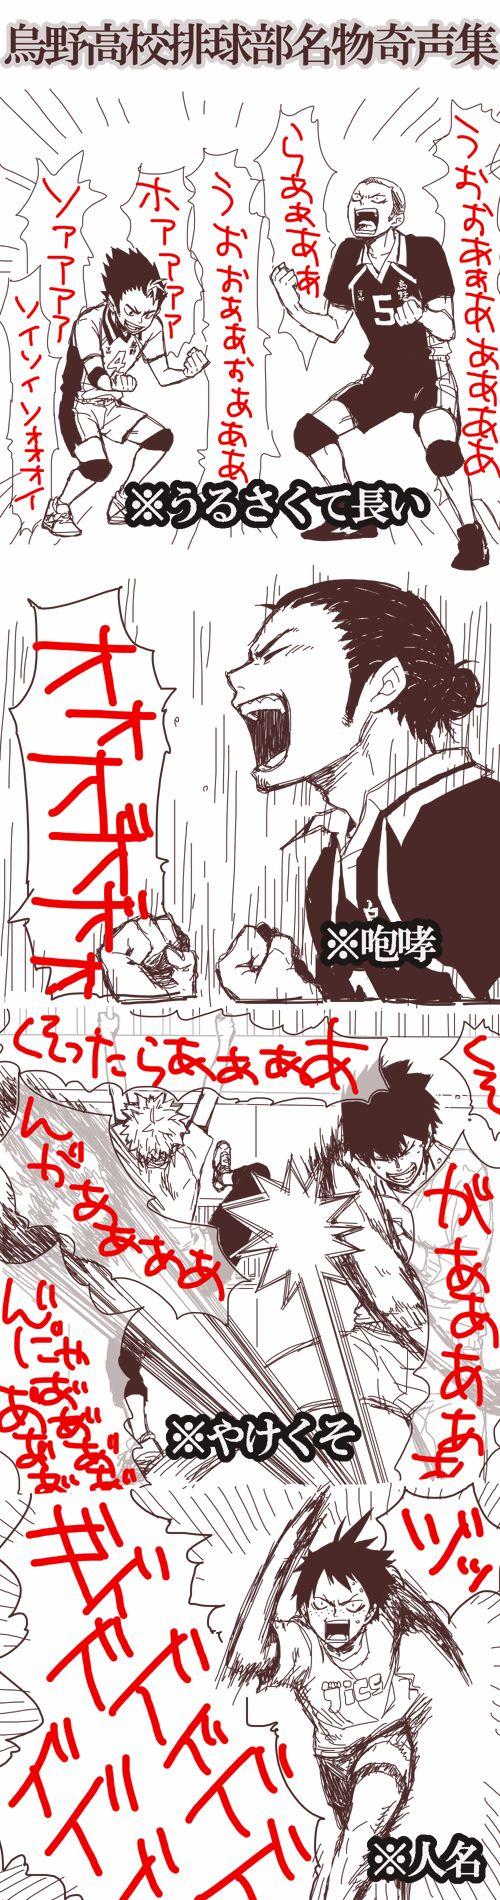 「HQついろぐ②」/「yuki」の漫画 [pixiv]